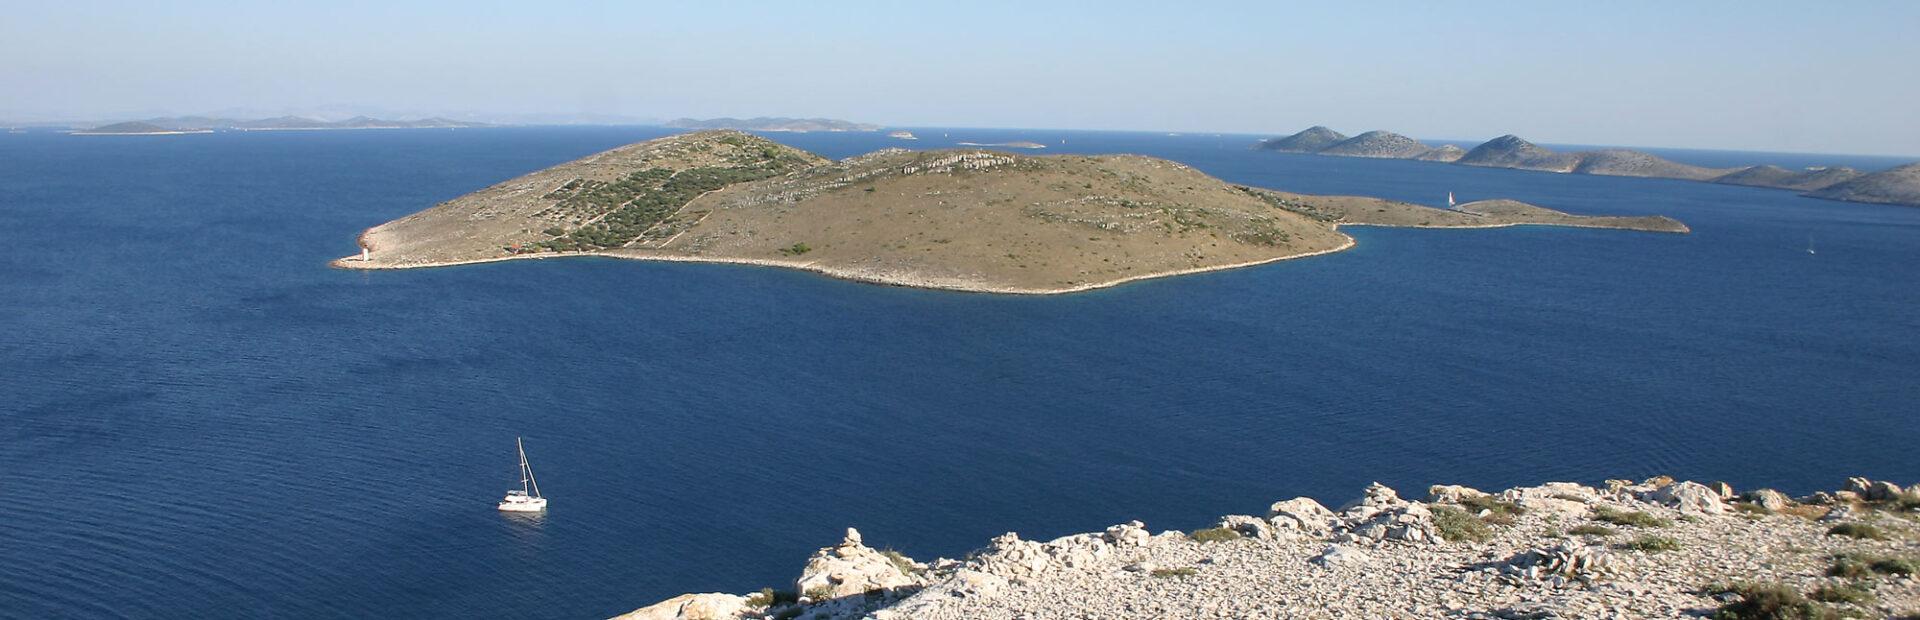 Seekarten der Adria